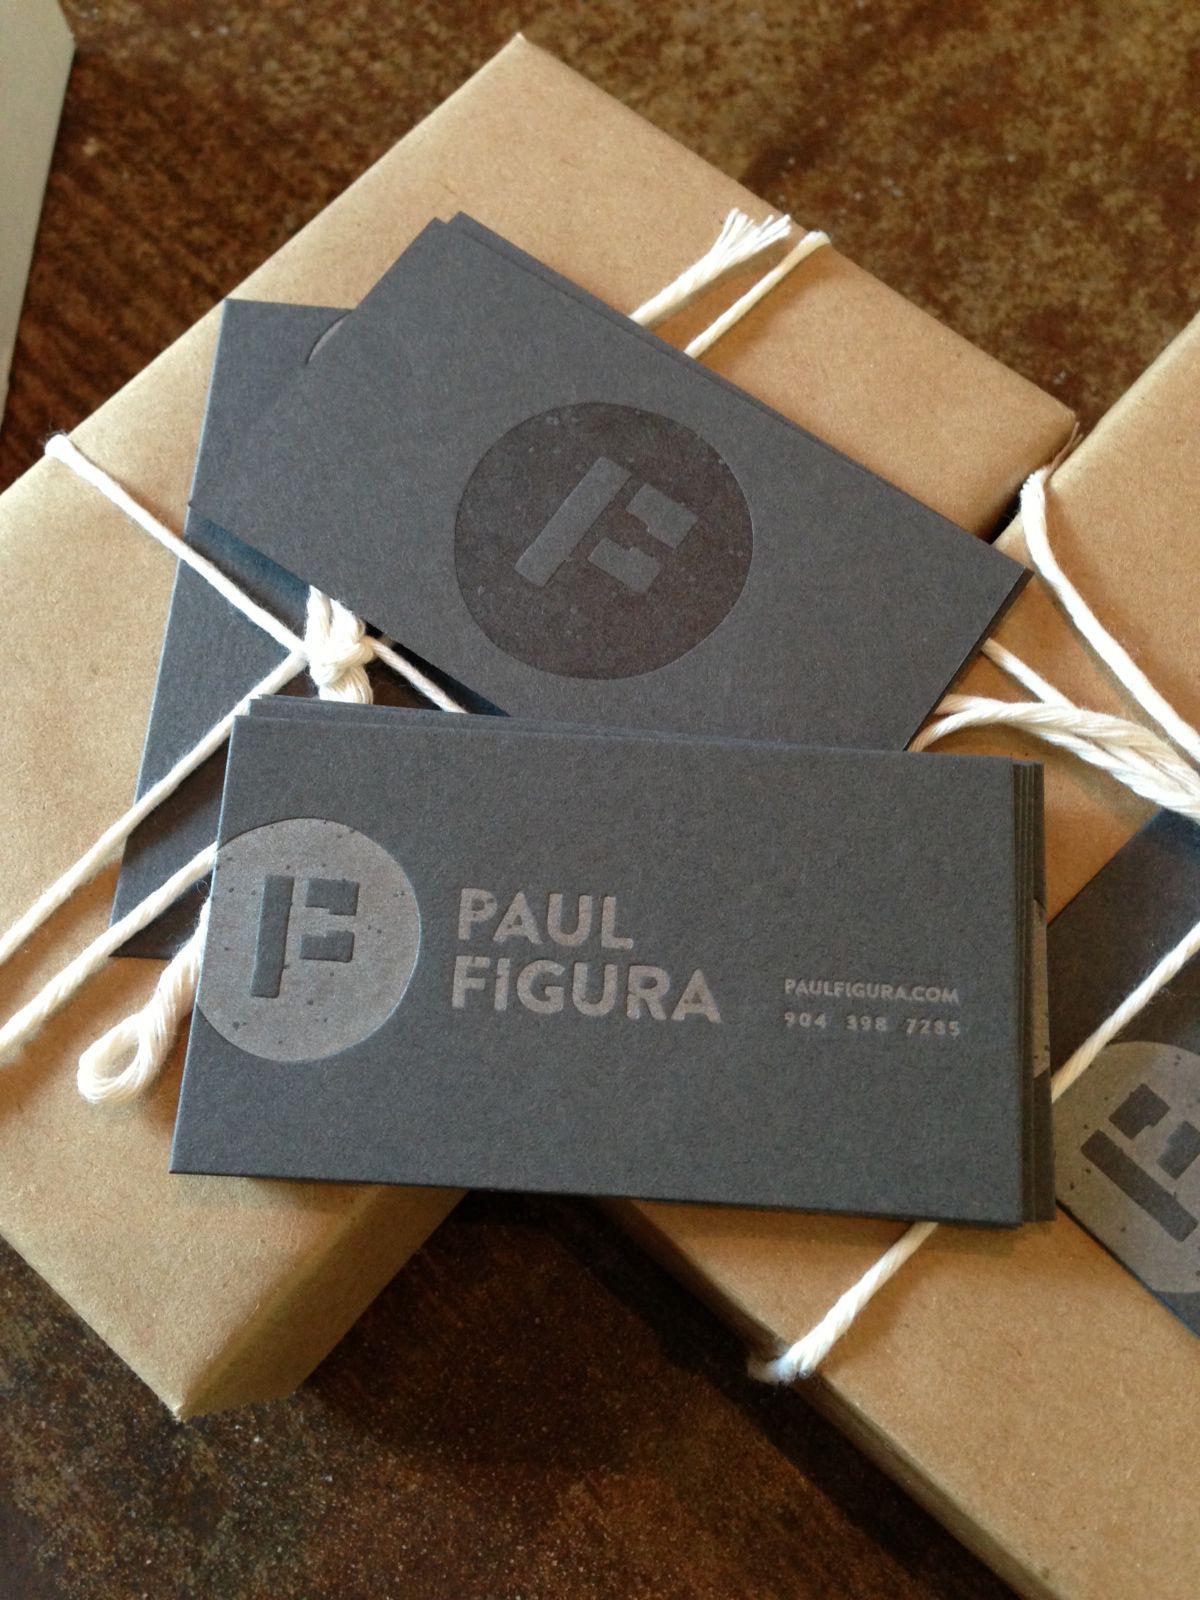 paul figura letterpress business card design